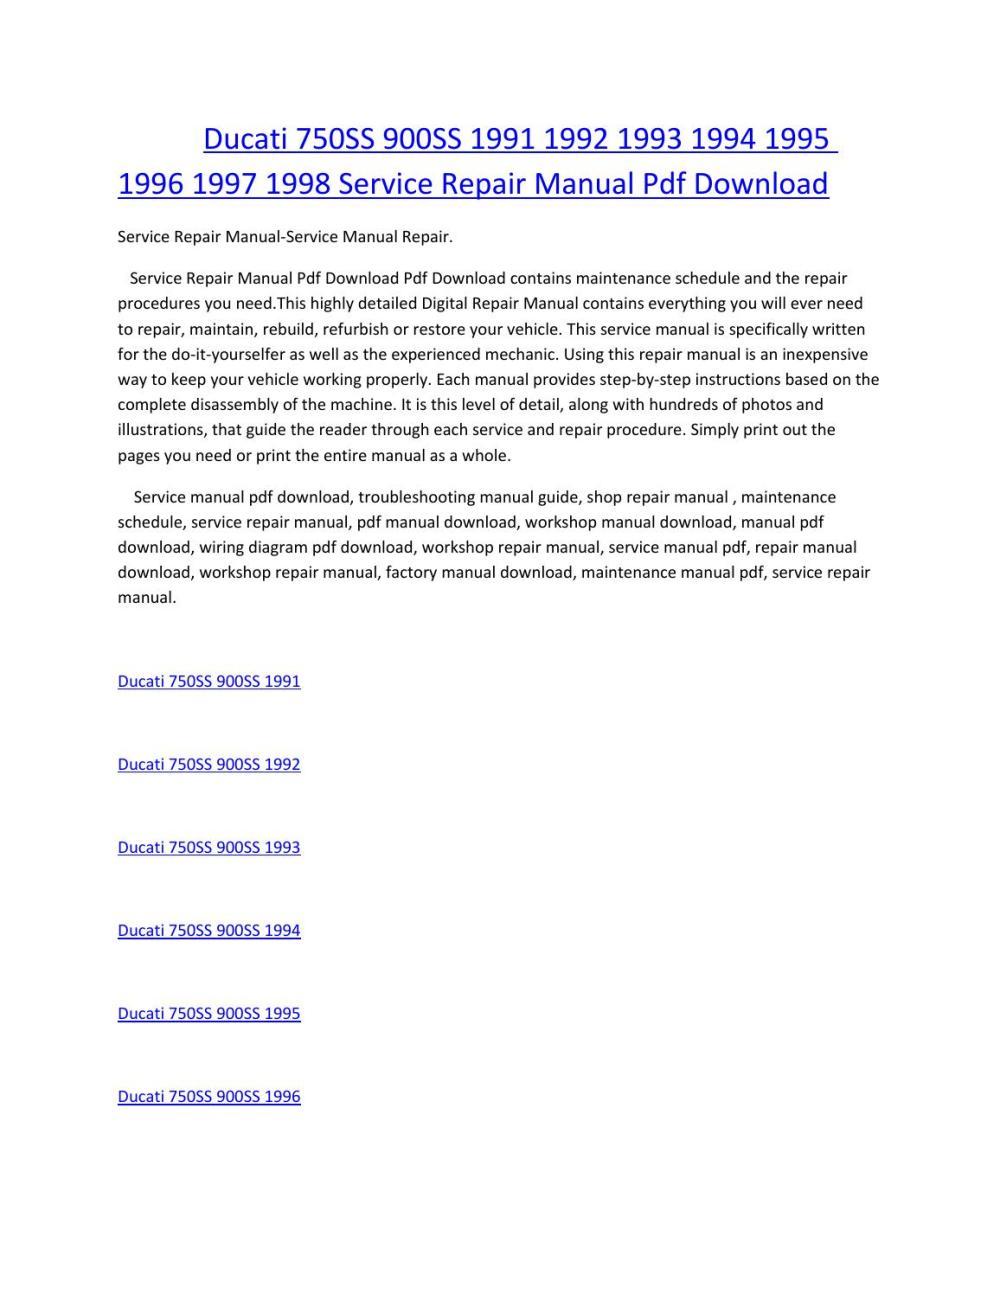 medium resolution of ducati 750ss 900ss 1991 1992 1993 1994 1995 1996 1997 1998 service manual repair pdf download